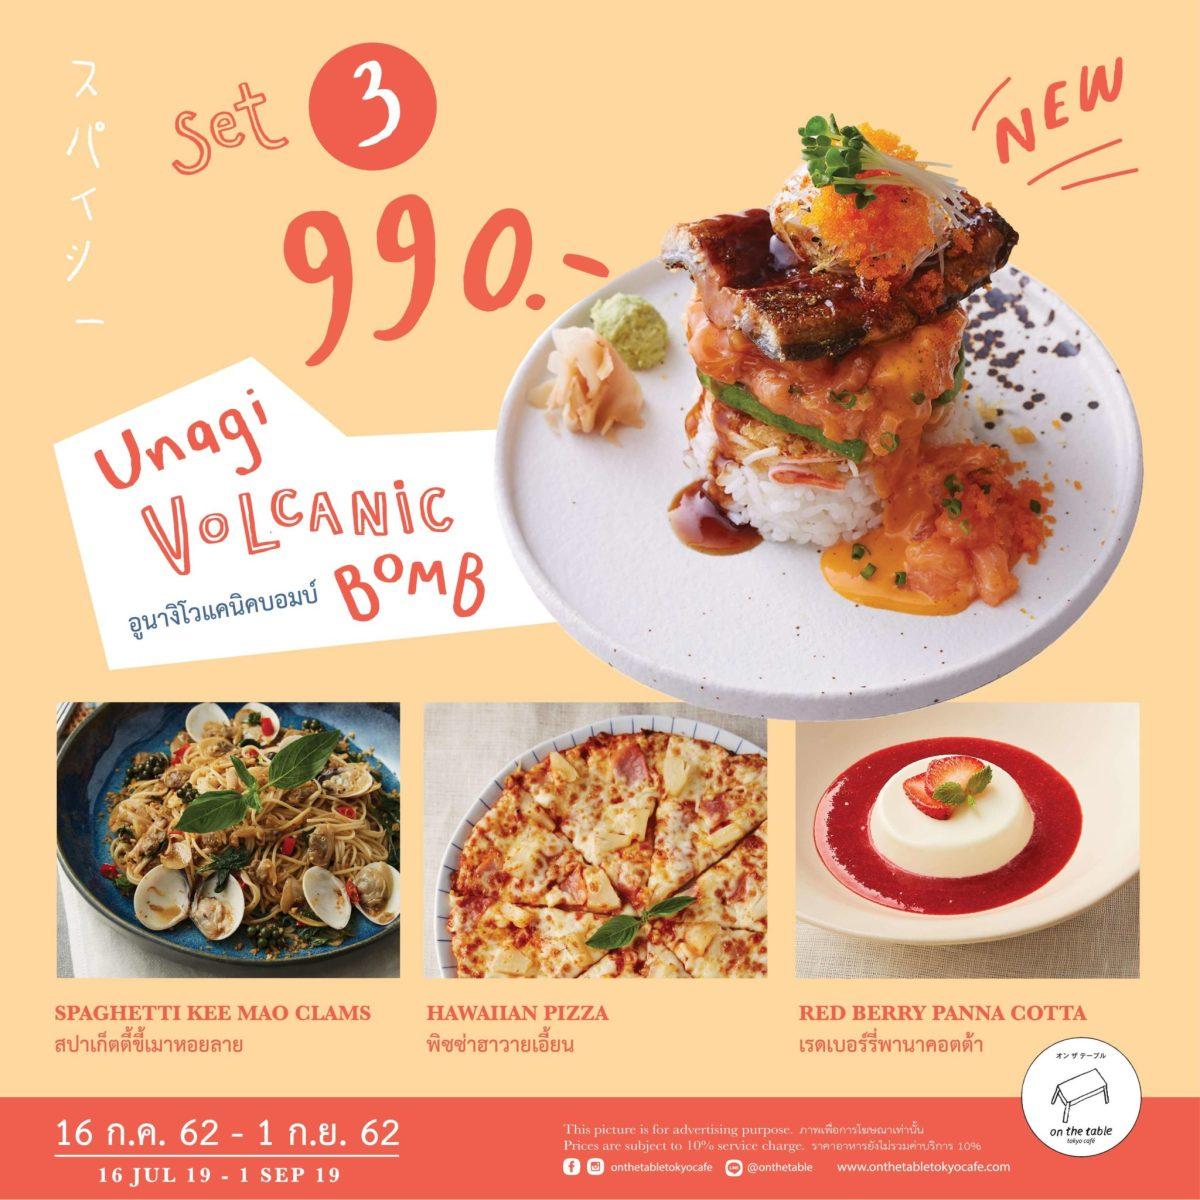 On the Table, Tokyo Café จัดแคมเปญพิเศษ • EAT • TASTE • LOVE • จัด 3 เซ็ตสุดคุ้มที่จะมาเติมเต็มความสุขแบบเต็มโต๊ะ 16 -